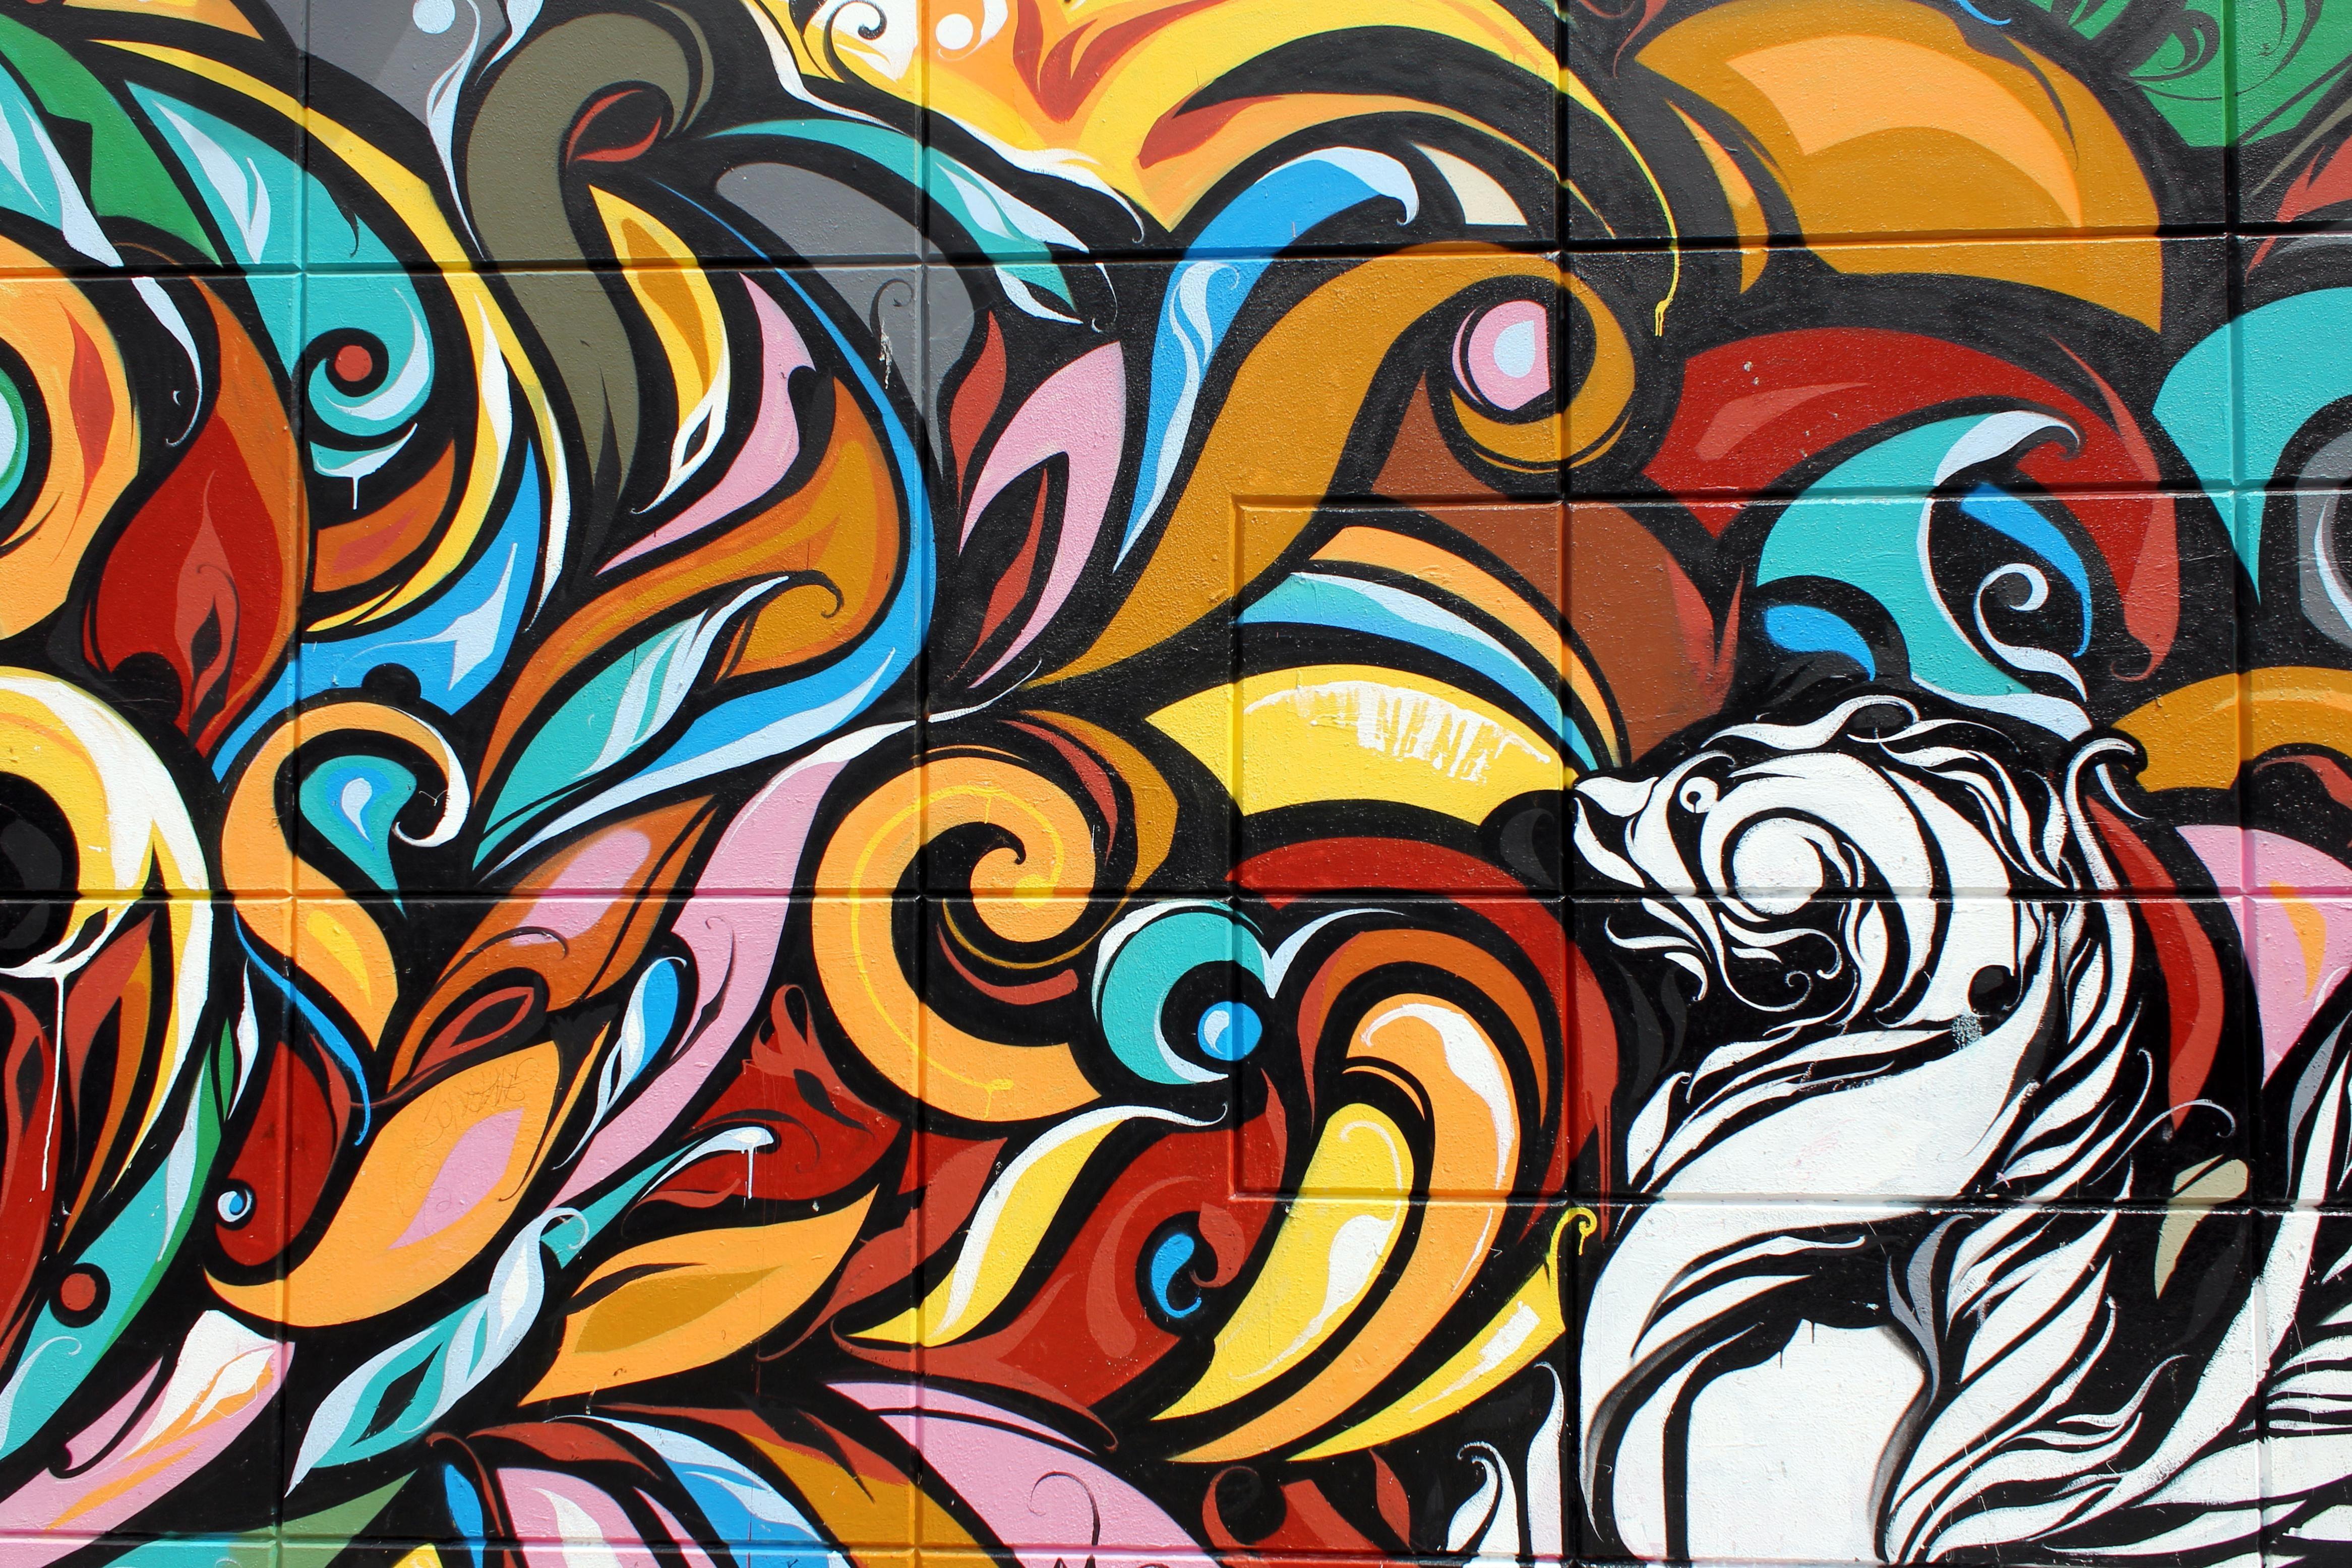 Imagen gratis arte Ilustracin patrn graffiti